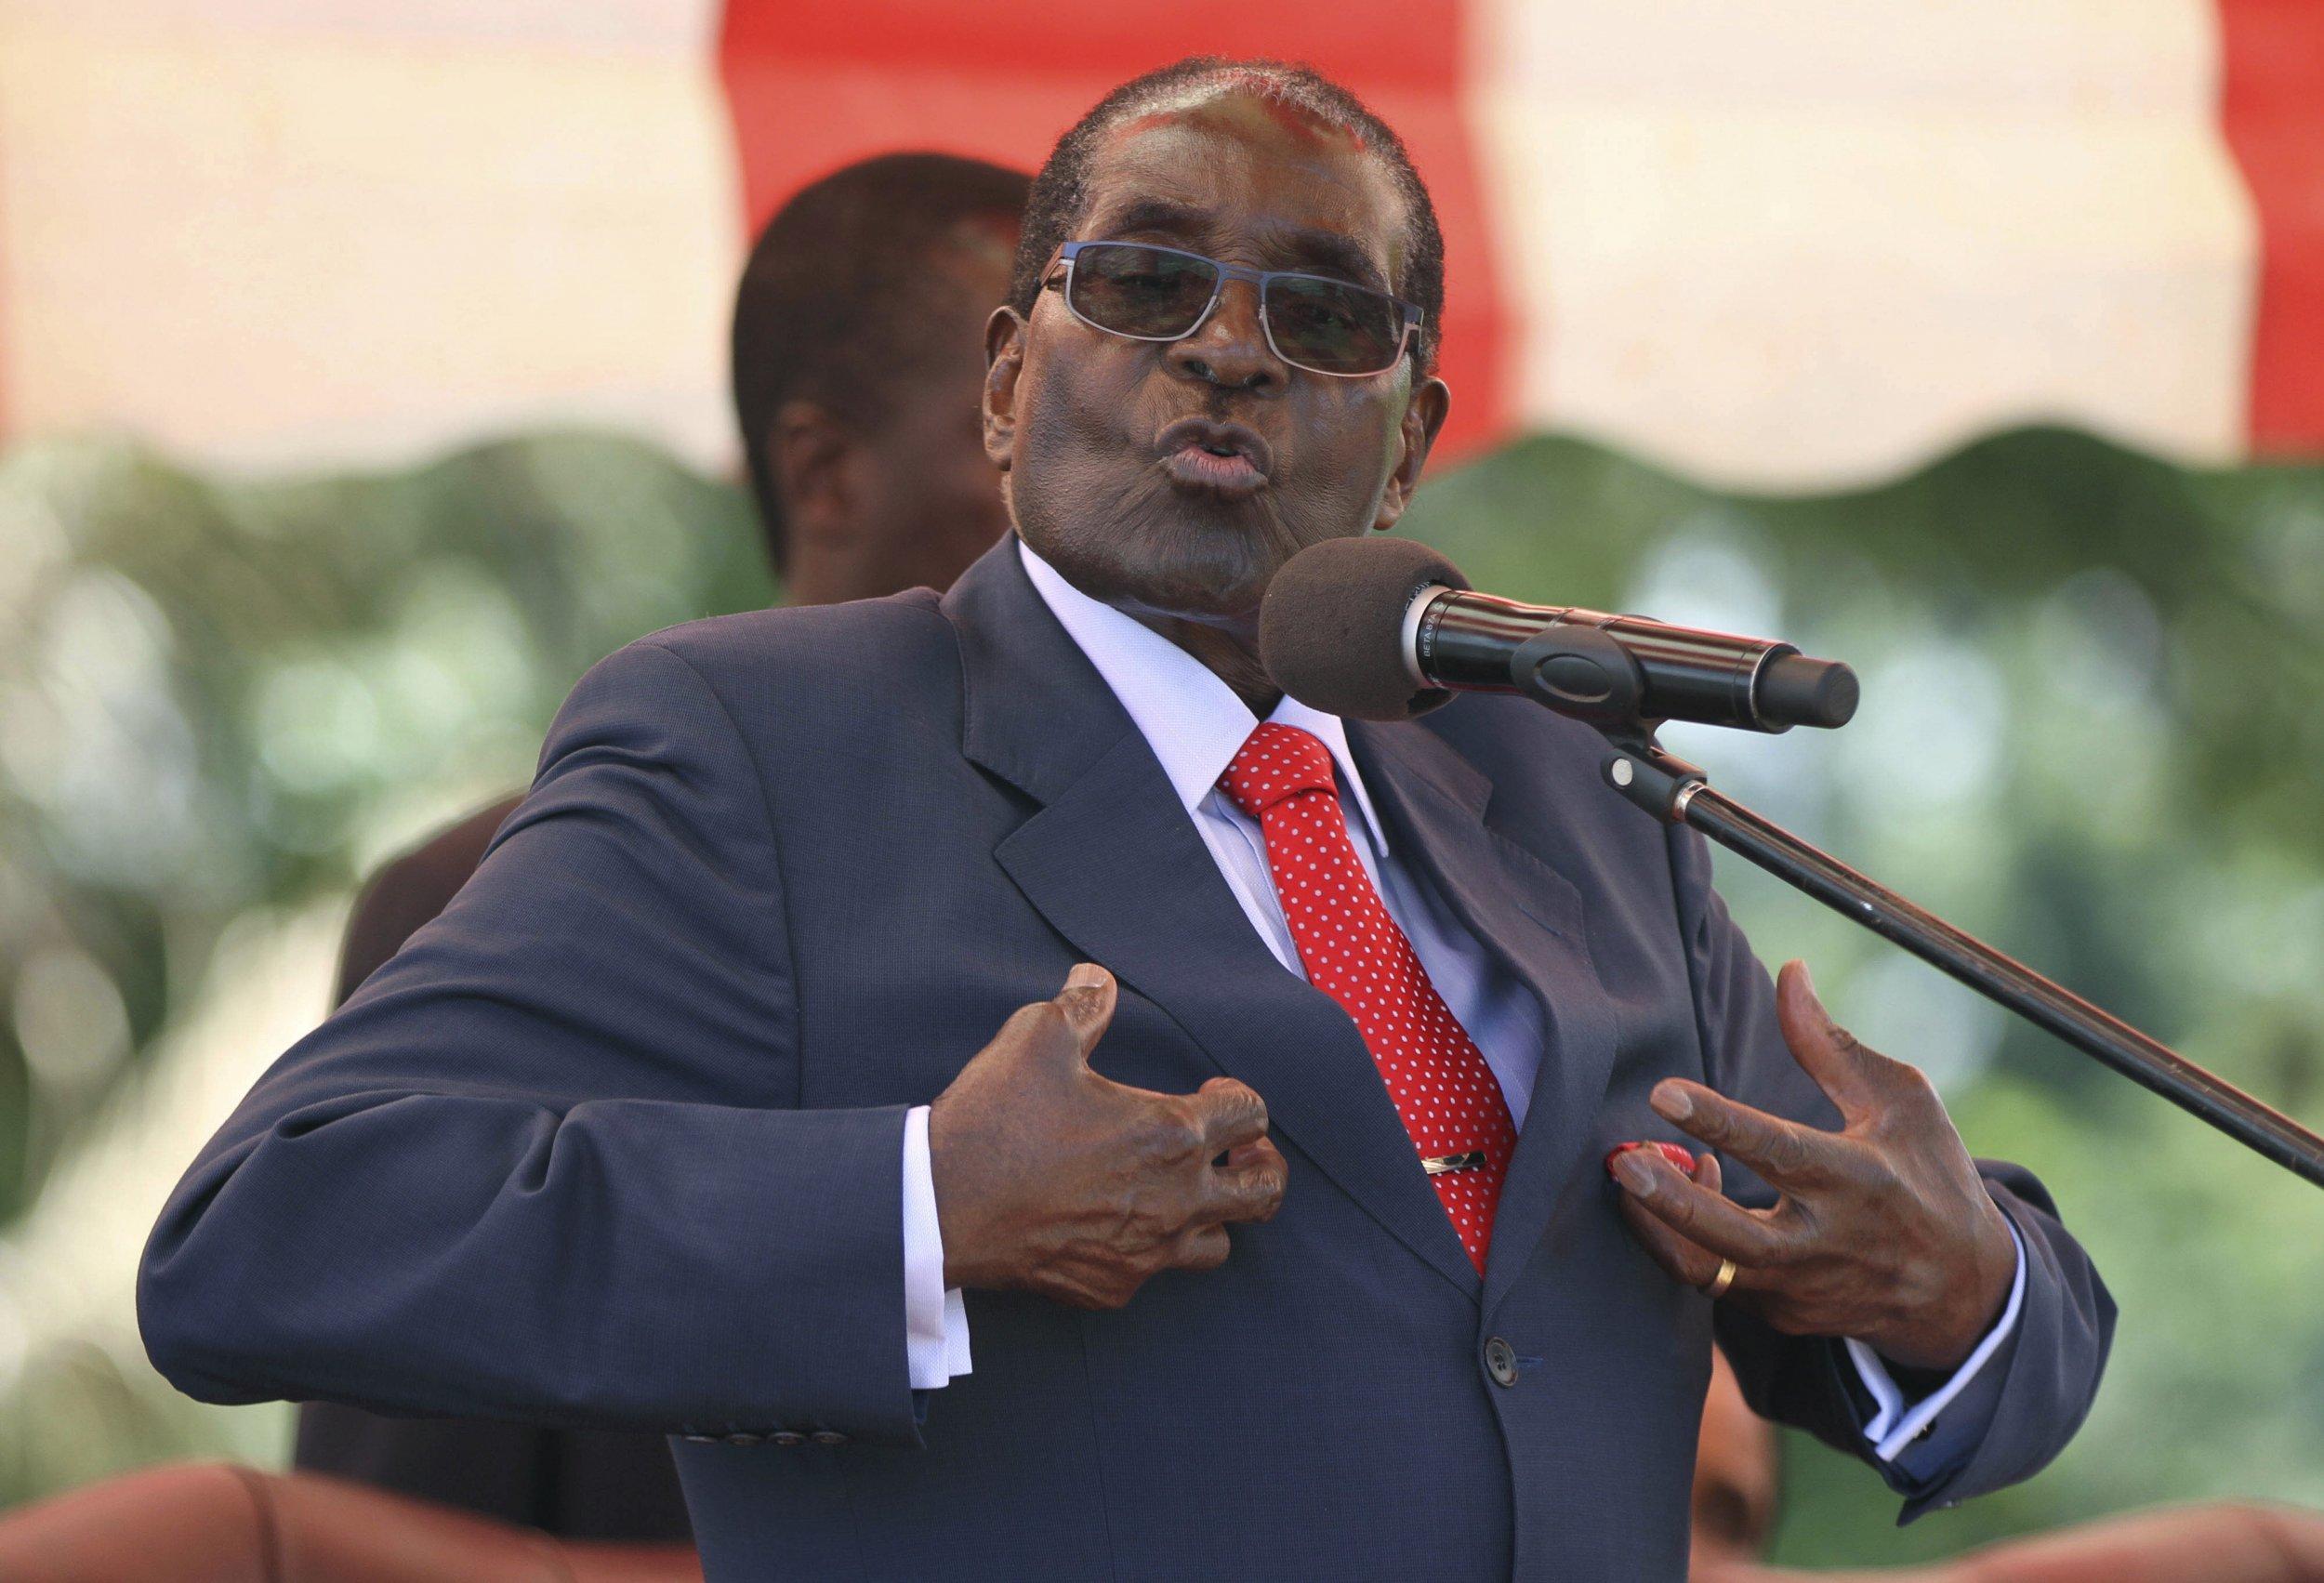 Billedresultat for Zimbabwe President Robert Mugabe